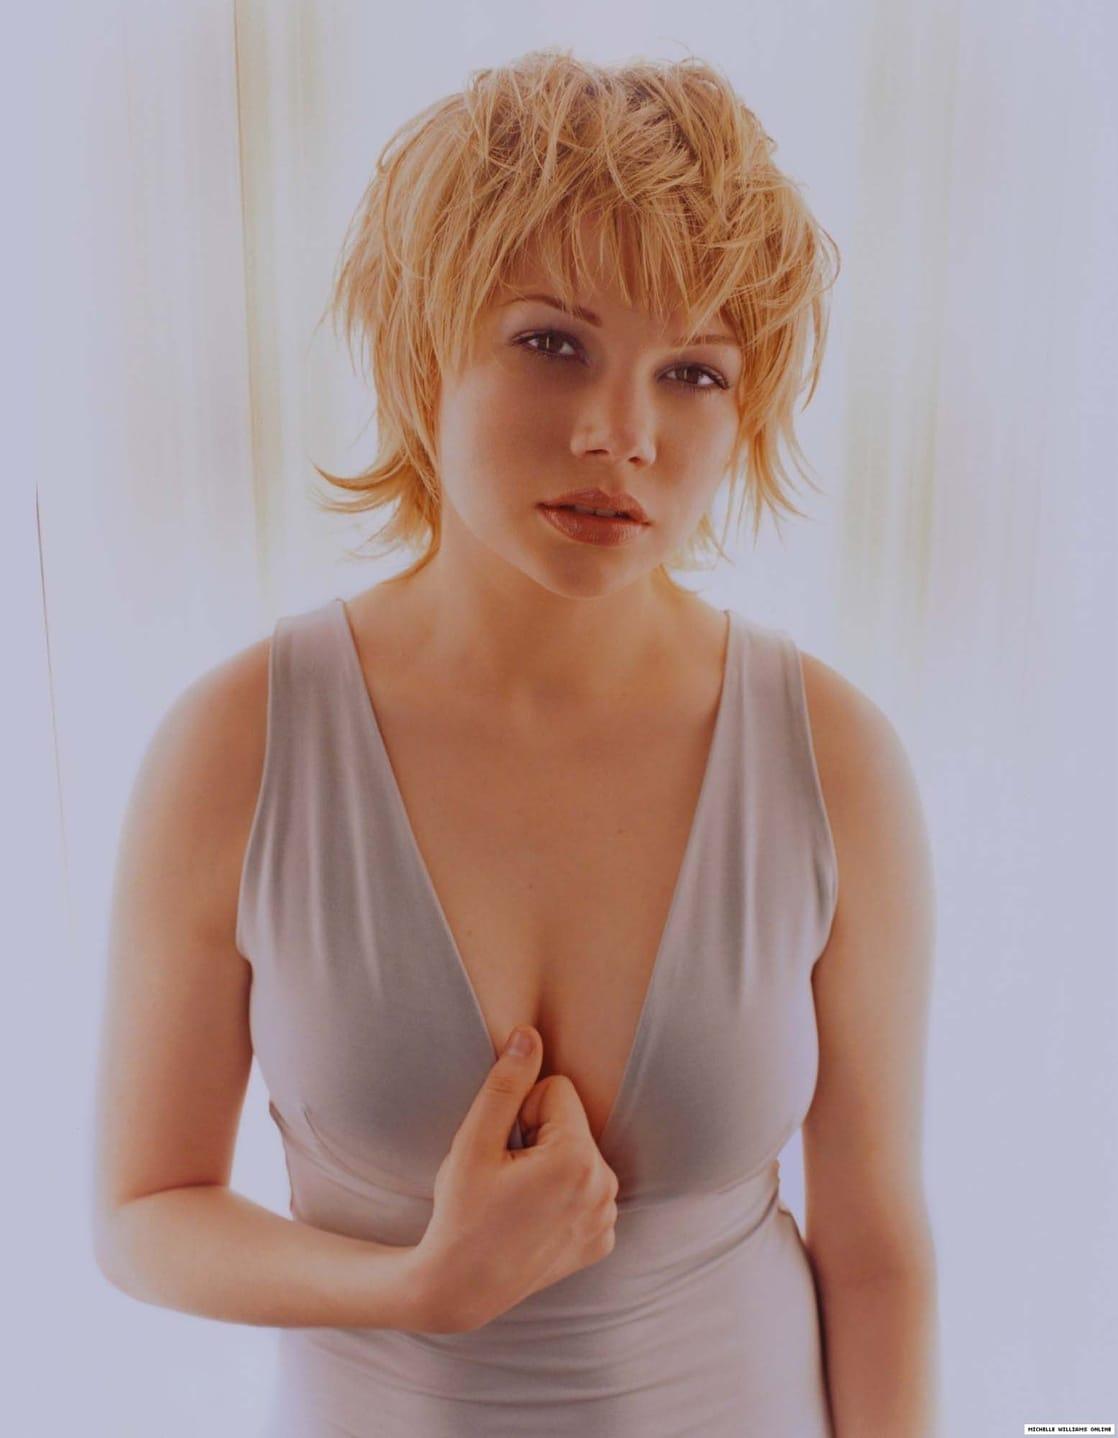 Picture of Michelle Wi... Michelle Williams